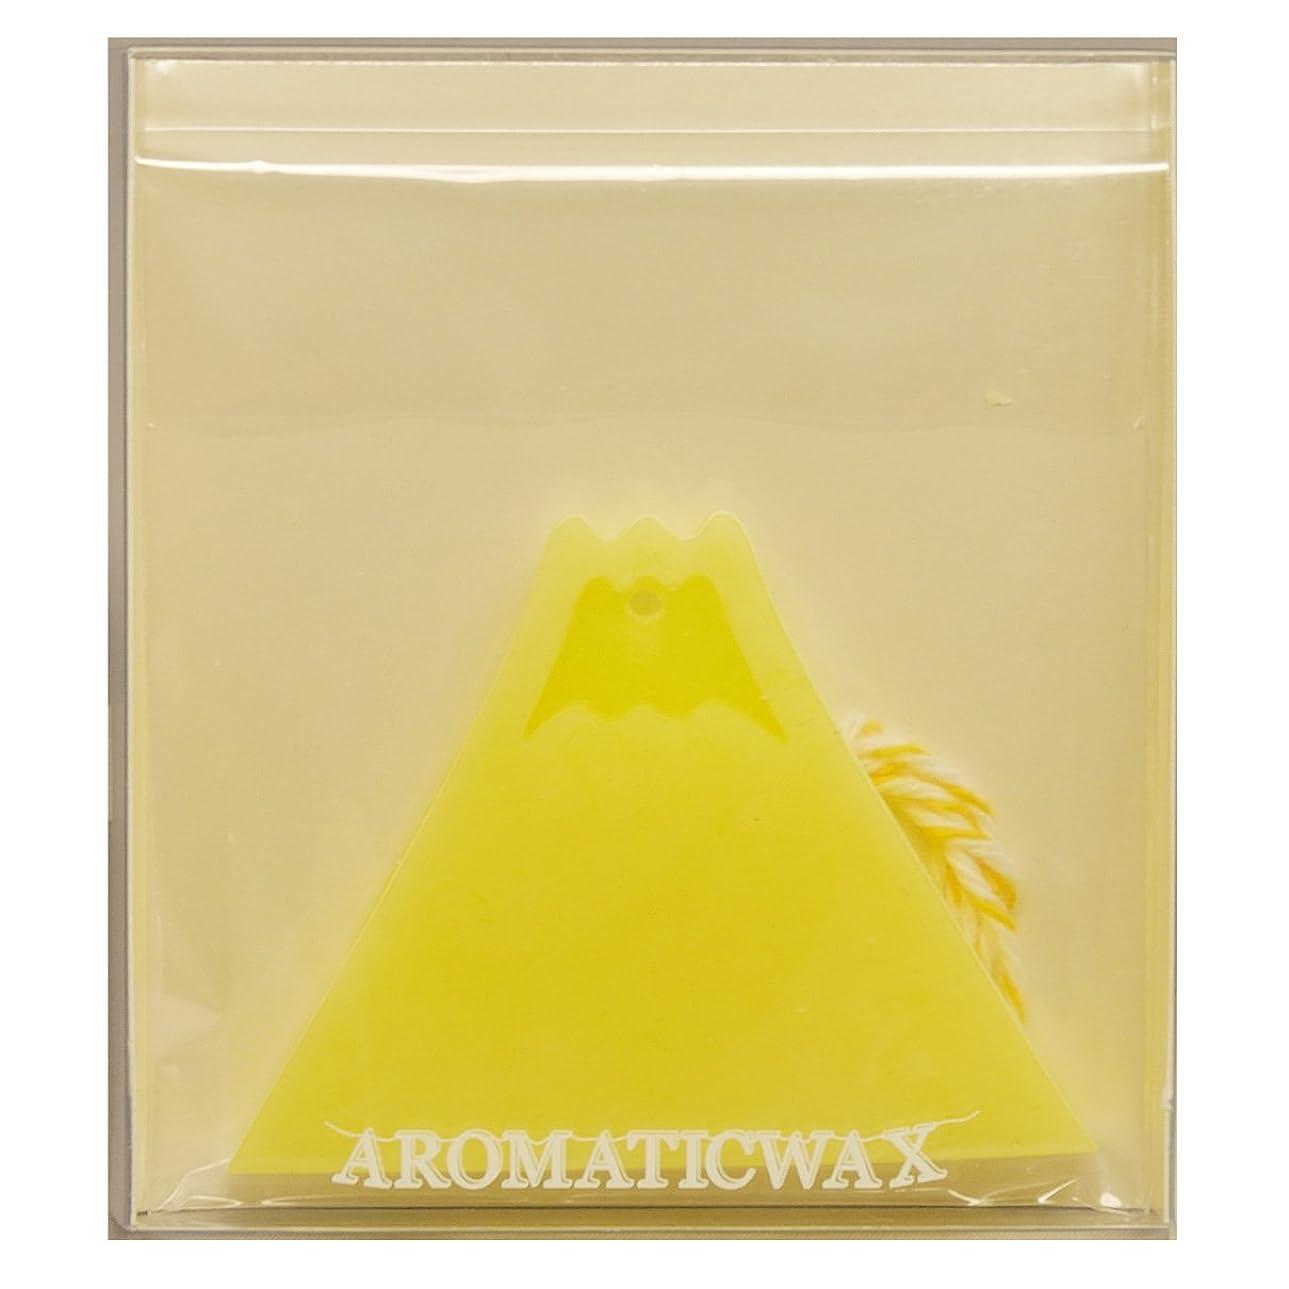 誓約どうしたの大人GRASSE TOKYO AROMATICWAXチャーム「富士山」(YE) ベルガモット アロマティックワックス グラーストウキョウ